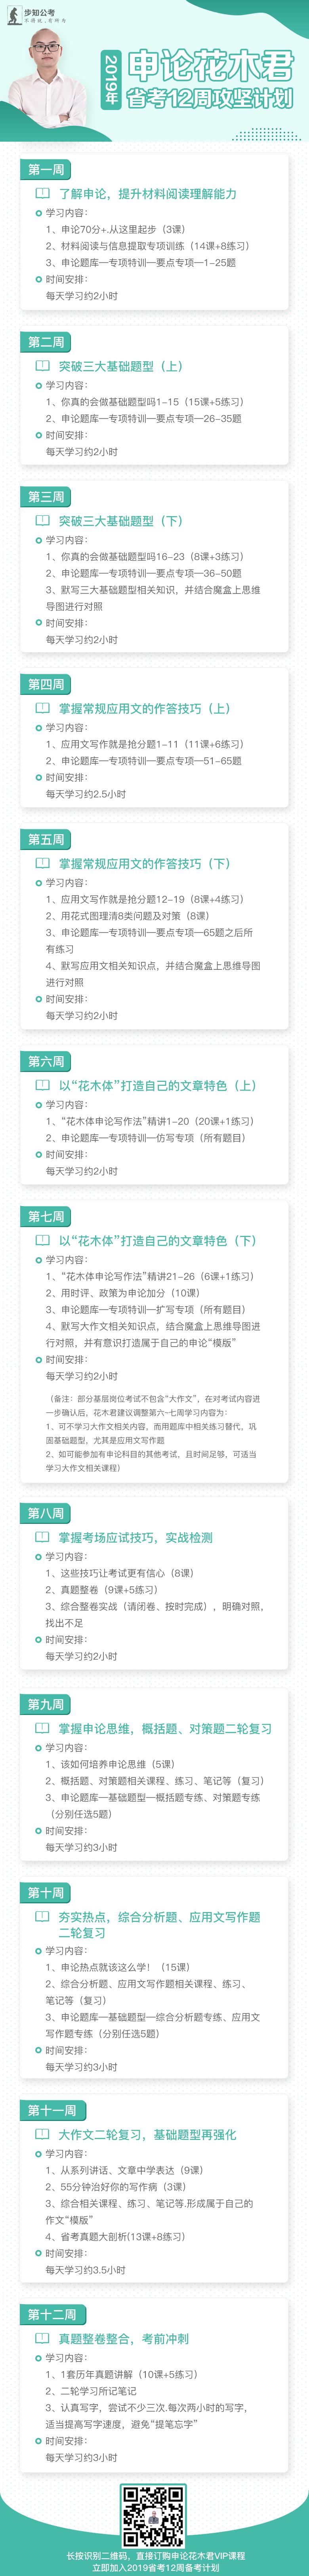 申论省考12周备考计划  新1.png